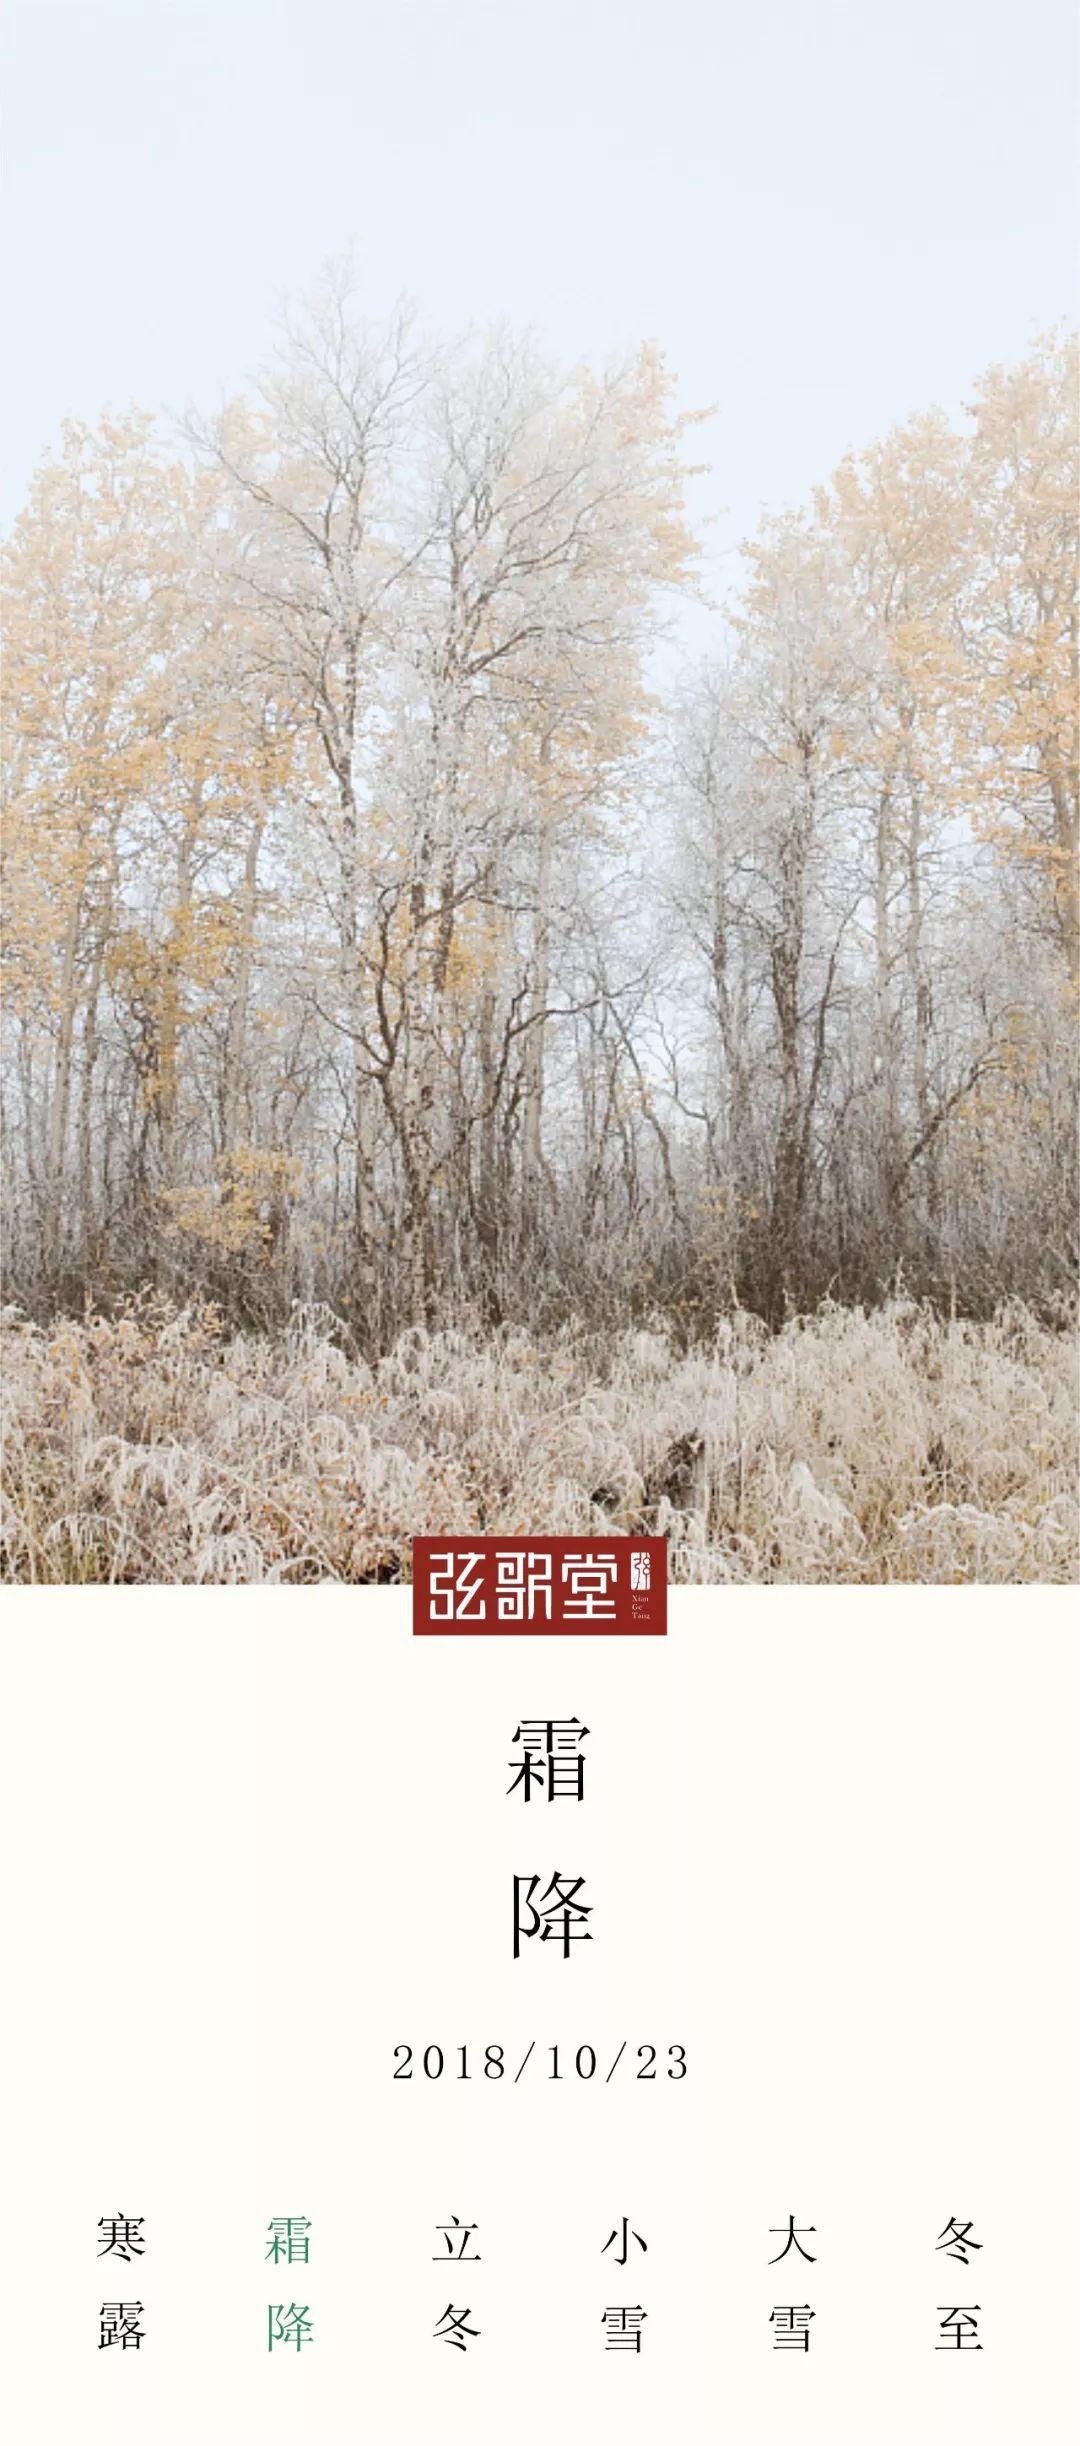 艾香|高原艾|艾草足浴包|五年陈艾